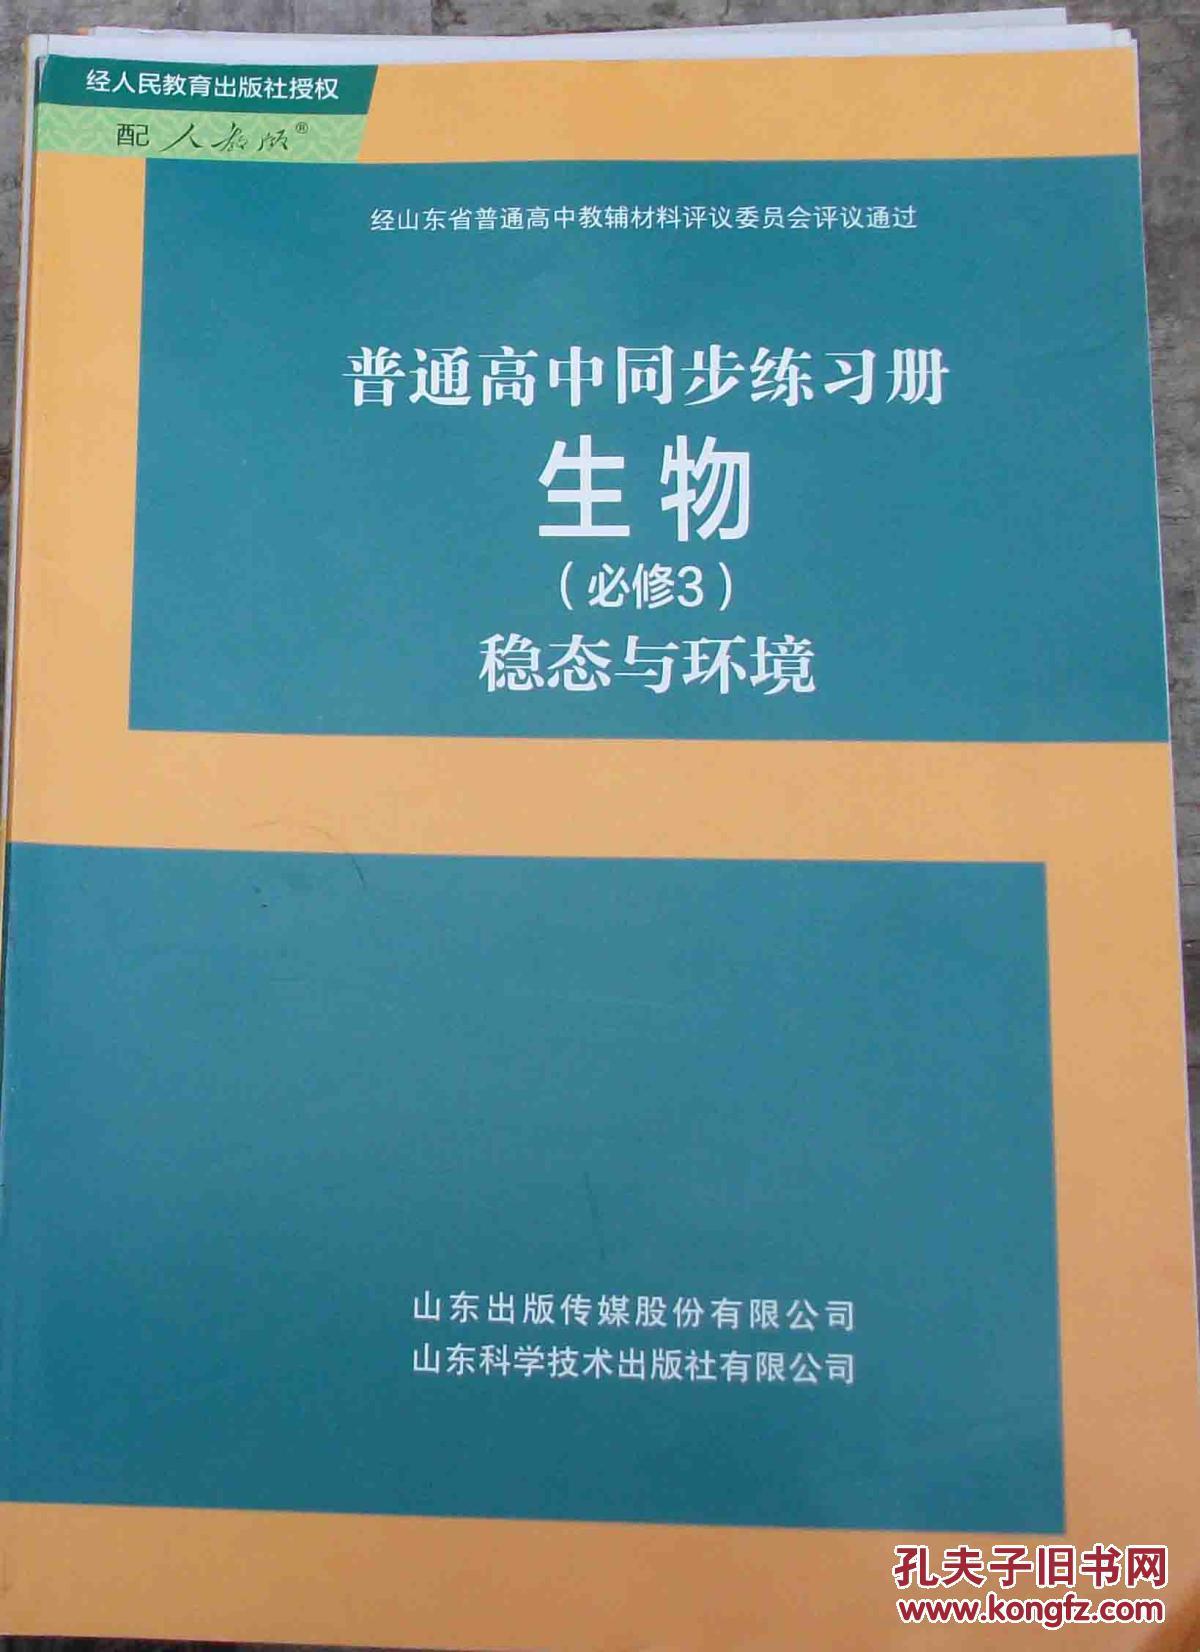 普通高中必修练习册:人教(同步3)稳态与高中(配环境版)(2014年1版2印)生物阿城玉泉图片